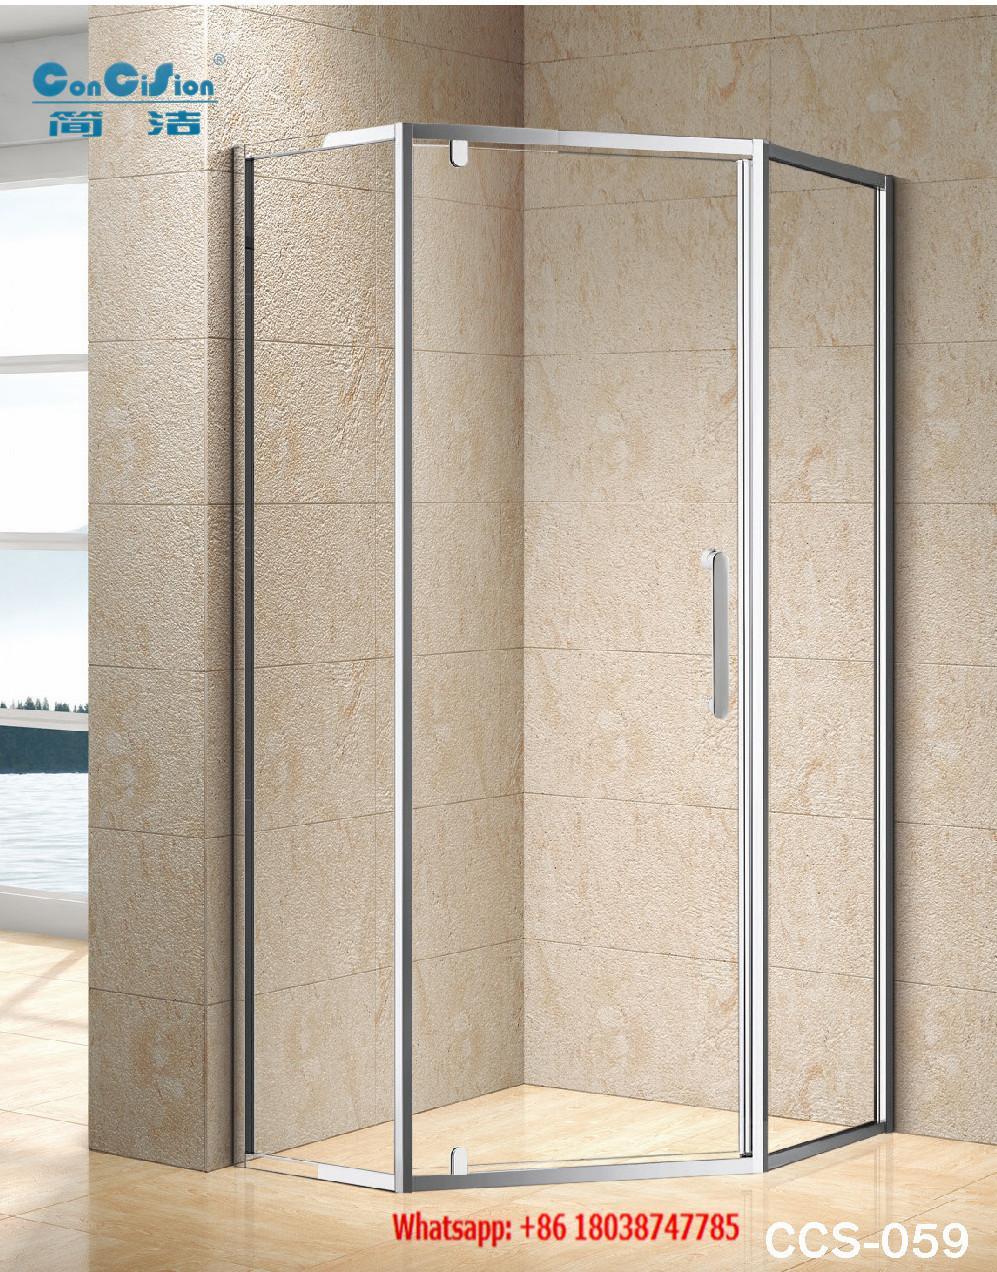 SUS304 shower enclosure shower room black color diamond shape 3